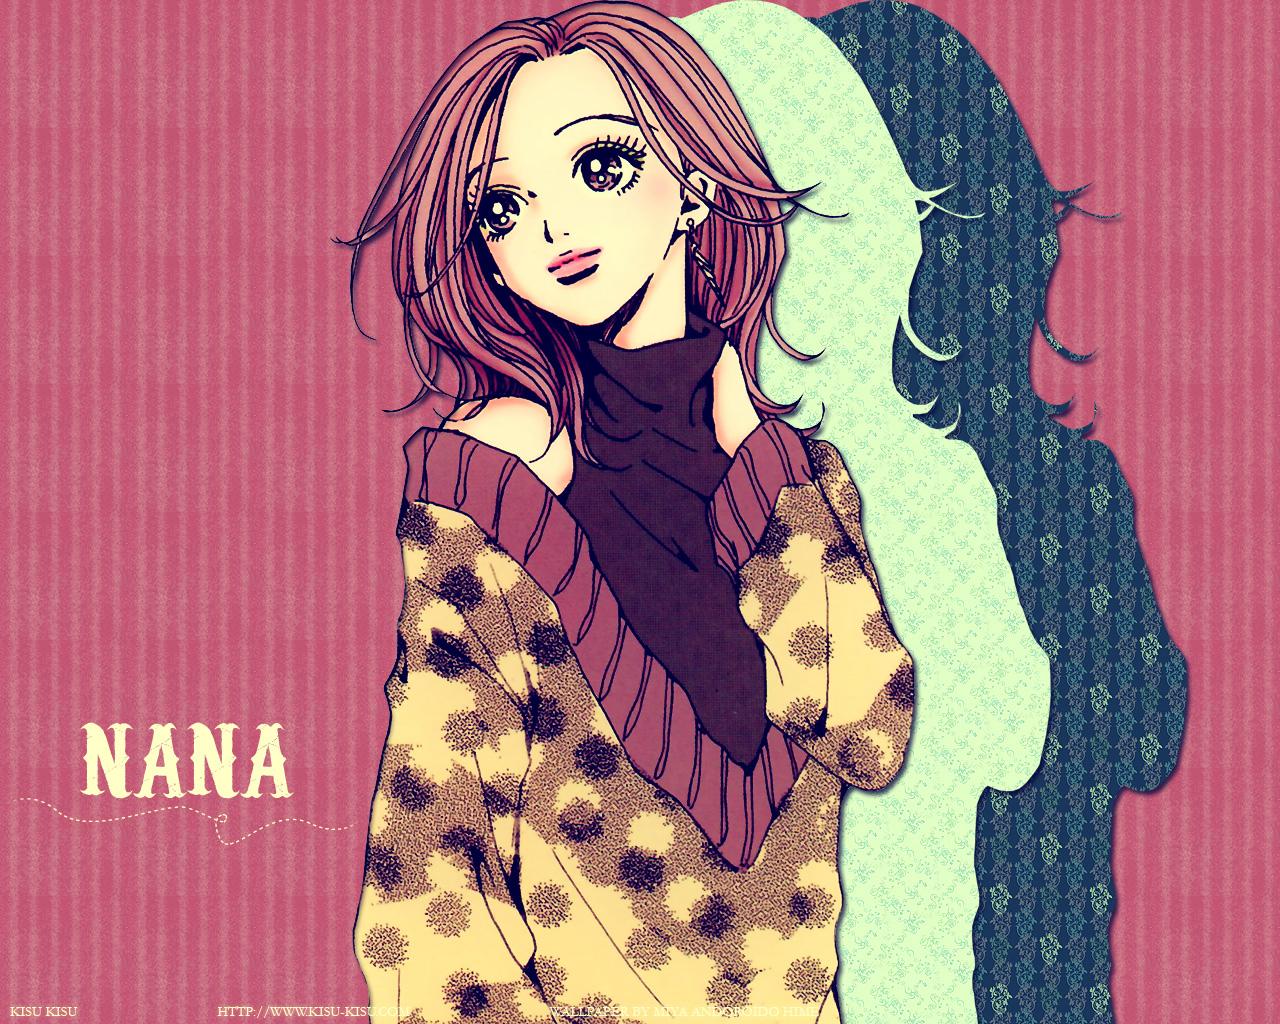 nana page 3